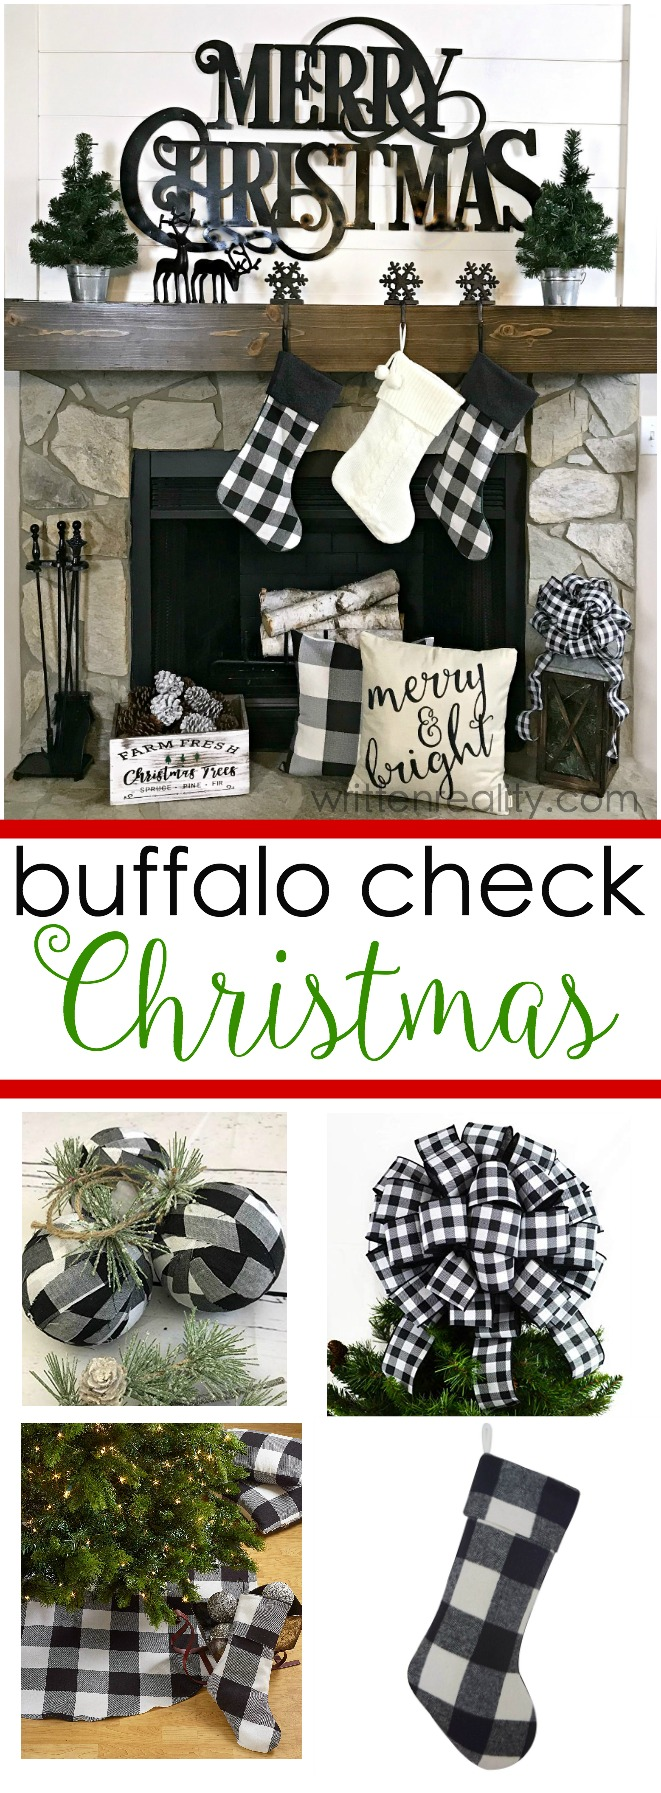 buffalo check christmas decorations